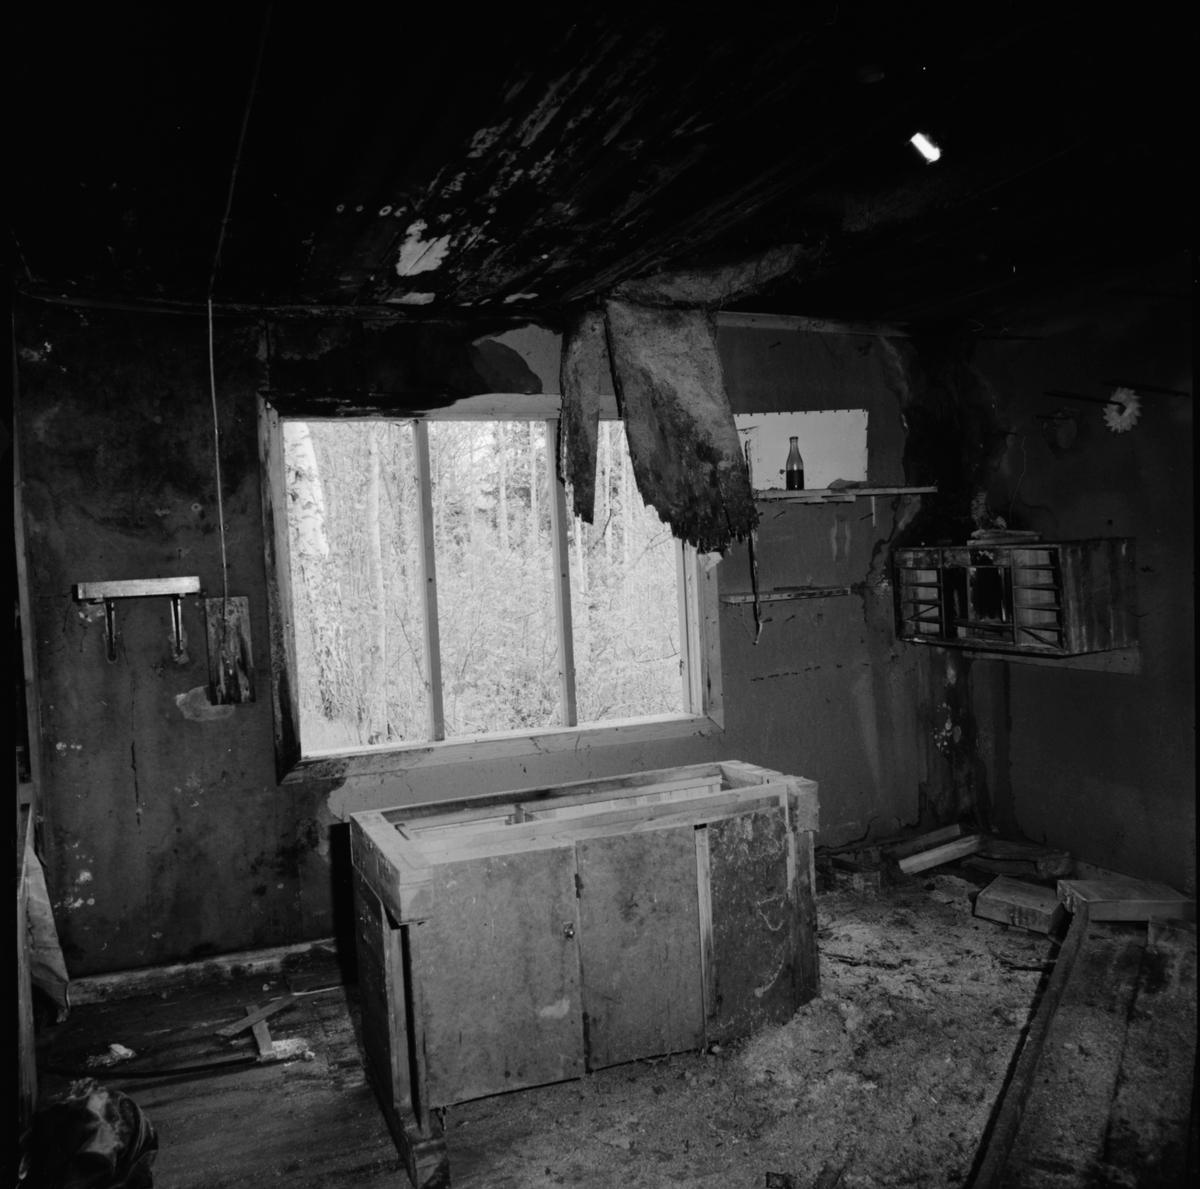 Interiör i timrad gruvstuga från senare delen av 1800-talet intill Konstängsgruvan, Dannemora Gruvor AB, Dannemora, Uppland maj 1991